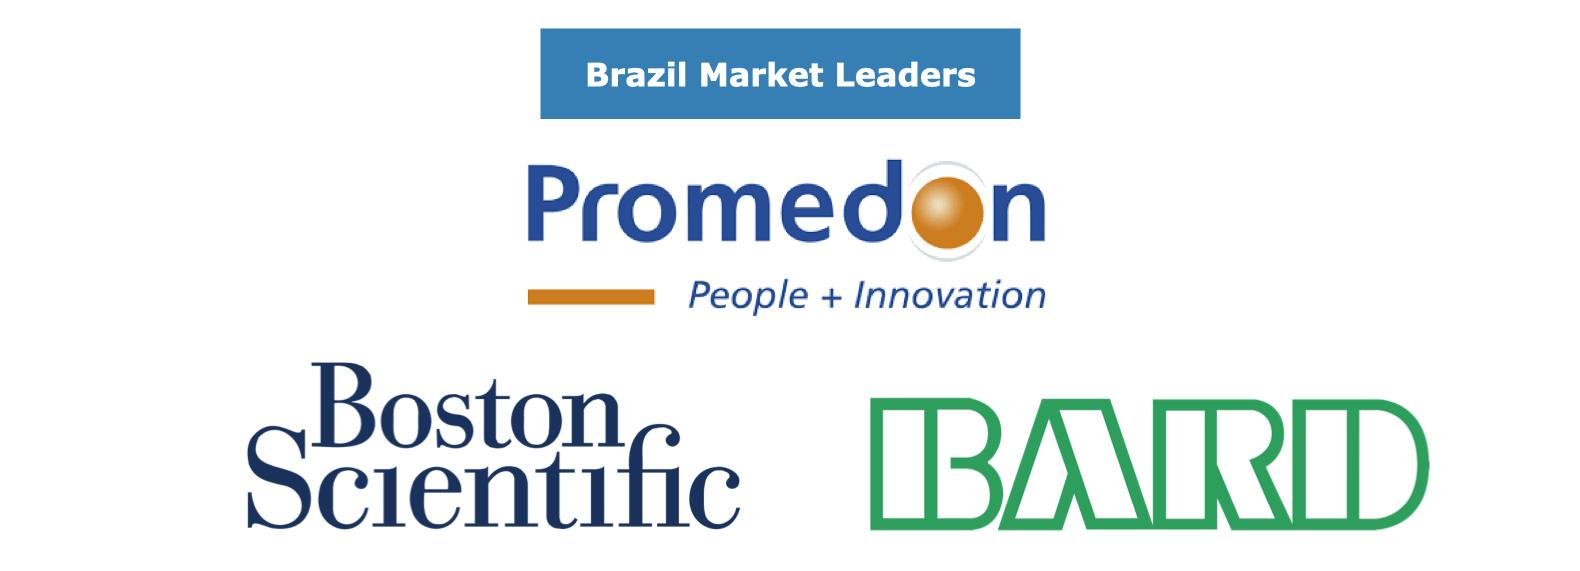 Brazil Urological Device Market Leaders